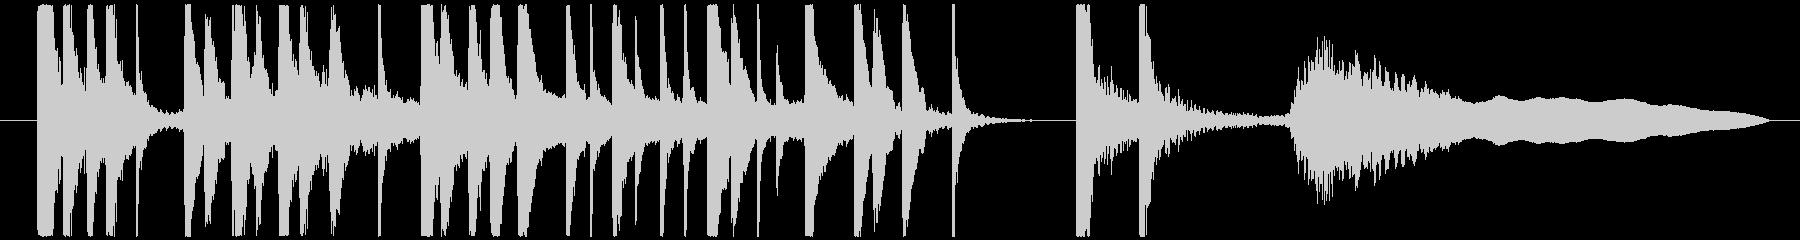 カブキ10秒ジングルシリーズ③ですの未再生の波形